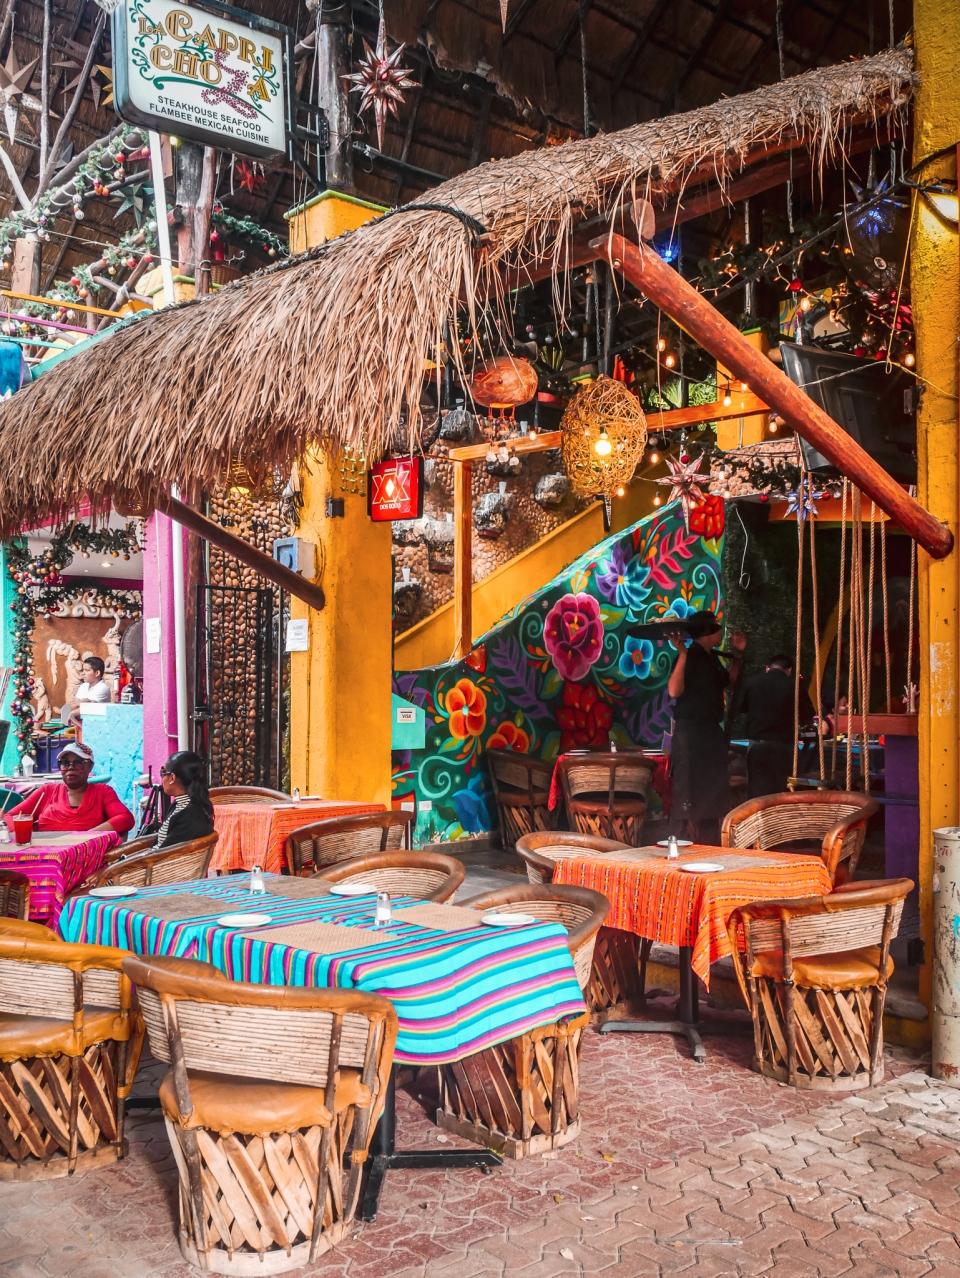 Restaurant sur Playa del Carmen - Roadtrip 10 jours au Mexique - Blog Voyage Ma Folie Vagabonde